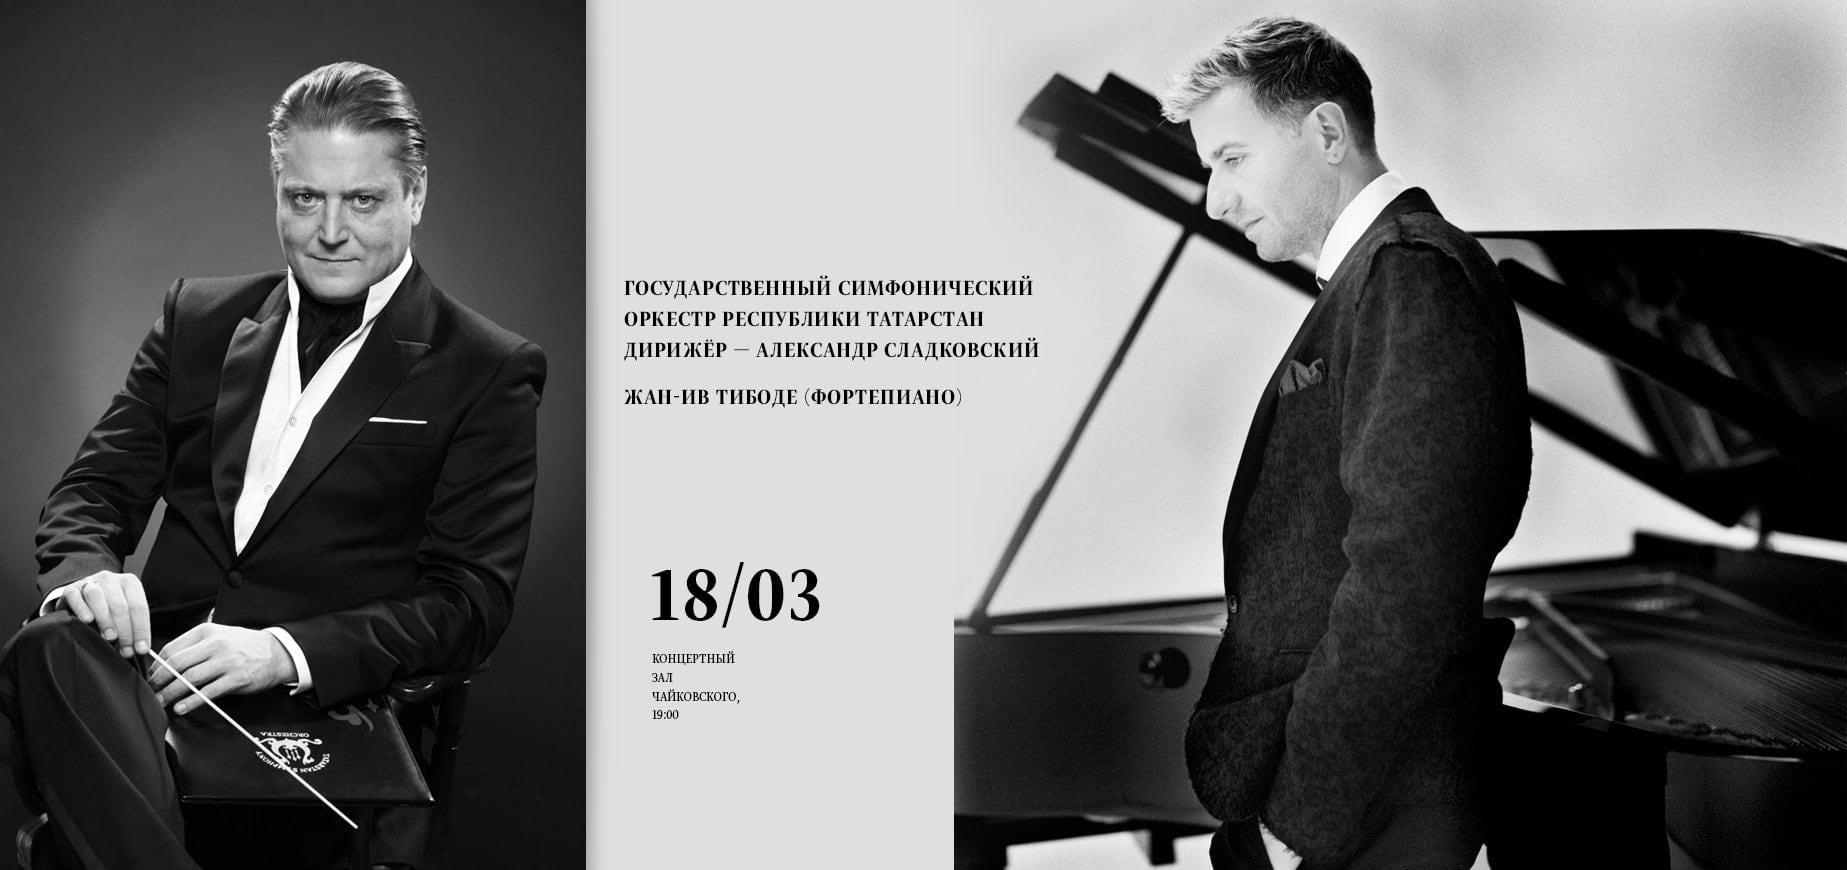 Пианист Жан-Ив Тибоде и дирижер Александр Сладковский выступили в КЗЧ